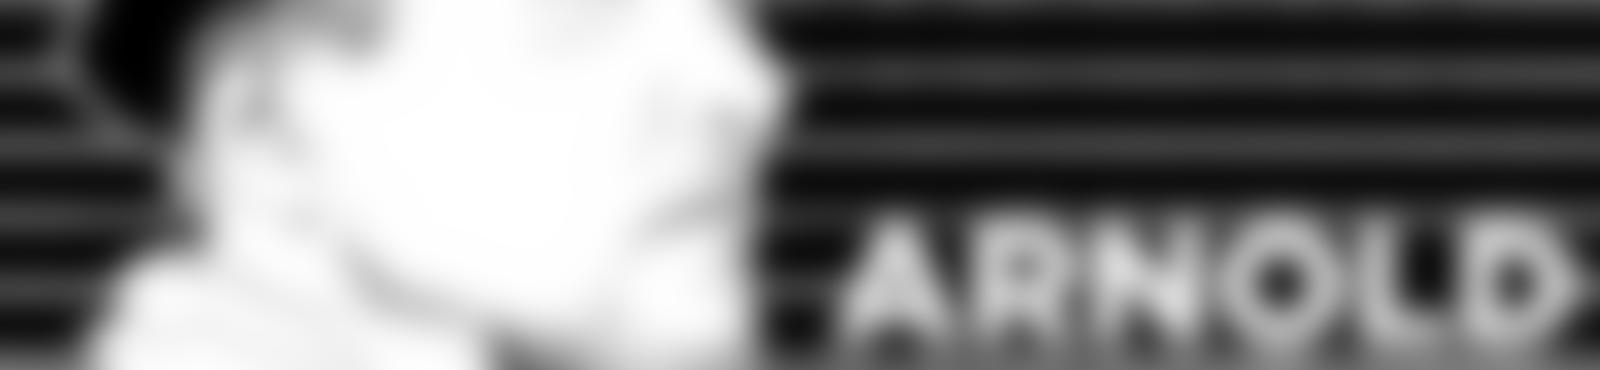 Blurred 1d9cc1cd 41e4 4b54 9831 c56f4f2f6ead